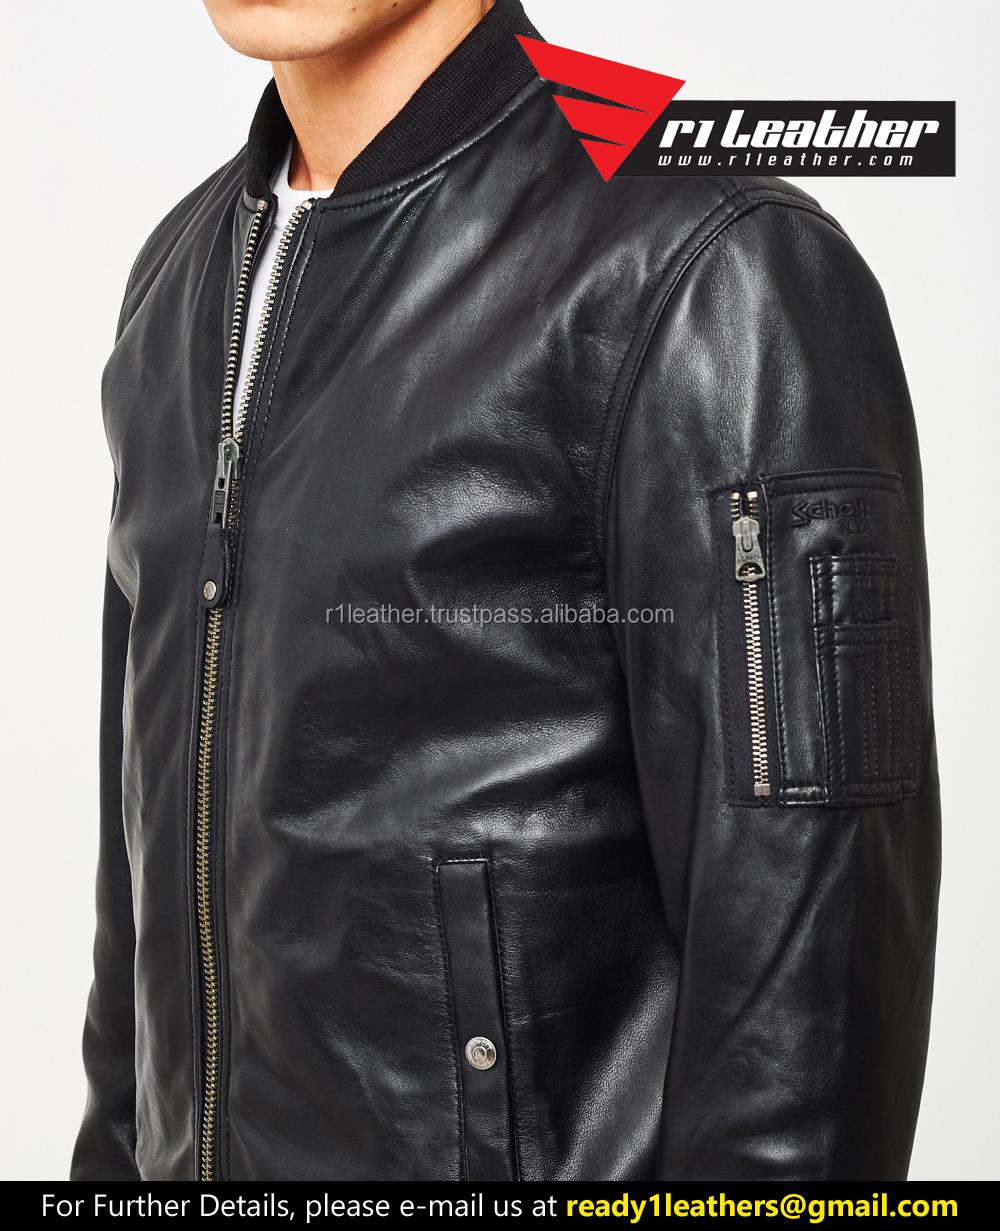 de1cf2c76d86 2017 New Design Luxury Rexine Leather For Man Jackets - Buy Jeans ...